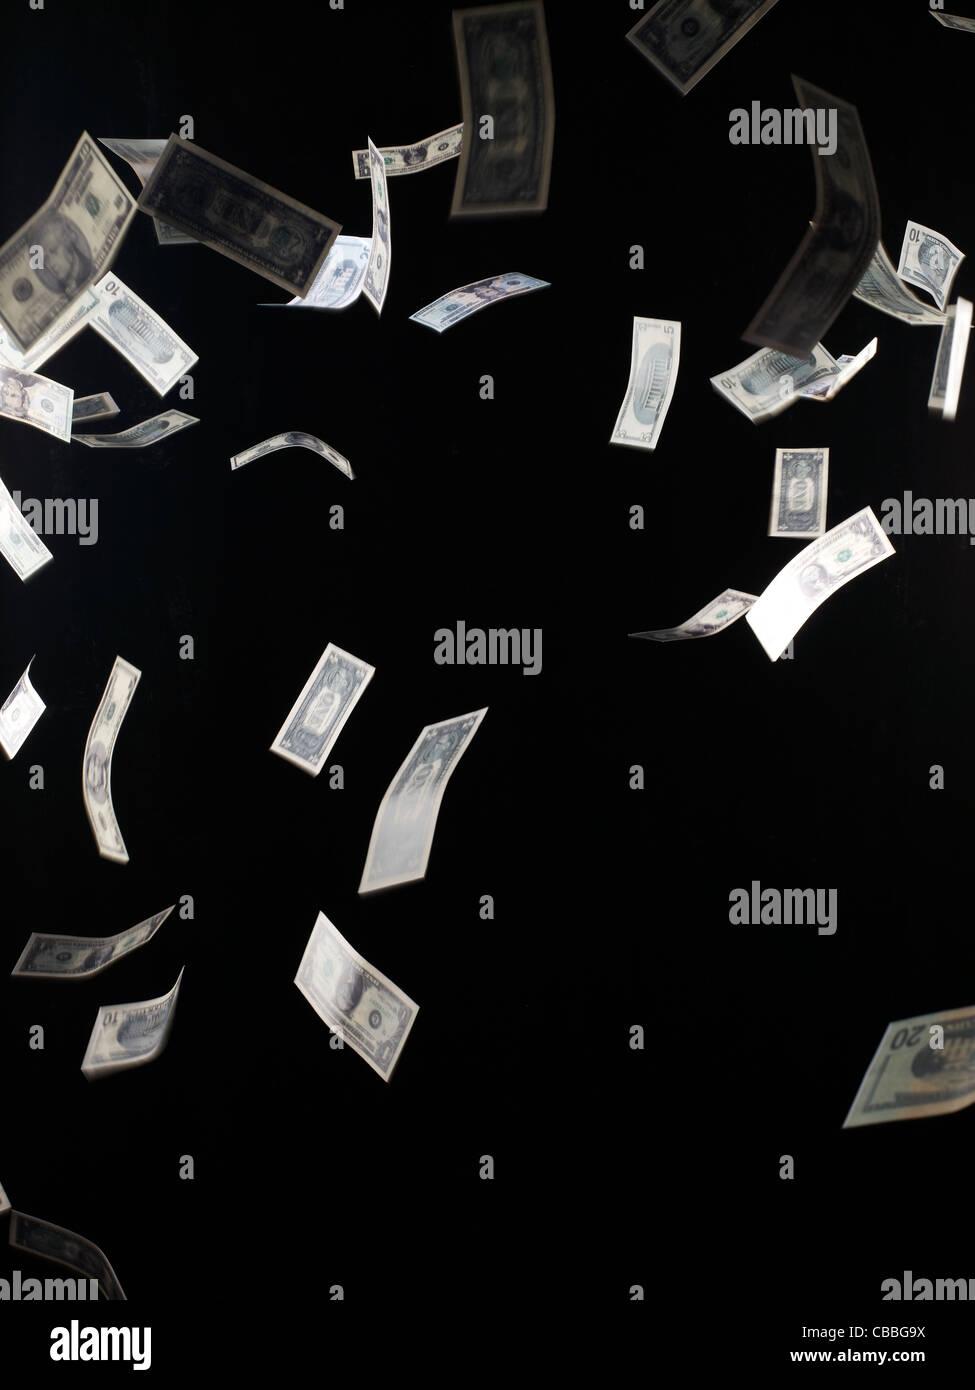 Dollars falling - Stock Image